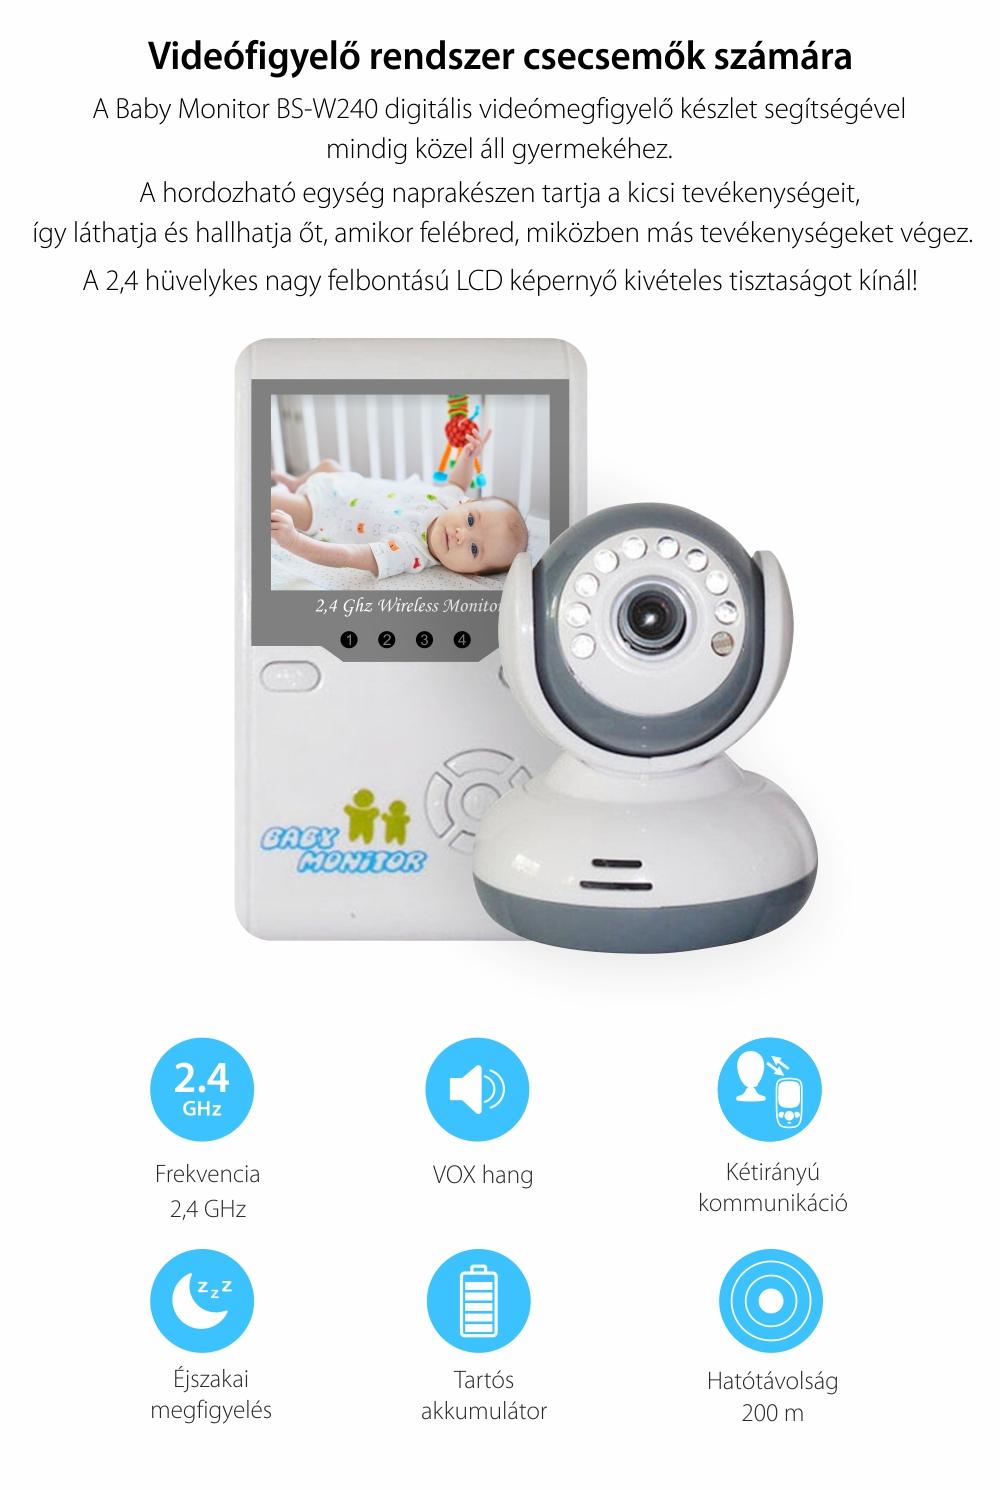 Digitális Bébiőr Készlet, BS-W240, 2,4 GHz LCD, Vezeték nélküli, Éjjellátó, 19 dBm, Infravörös, Vokális Ébresztővel